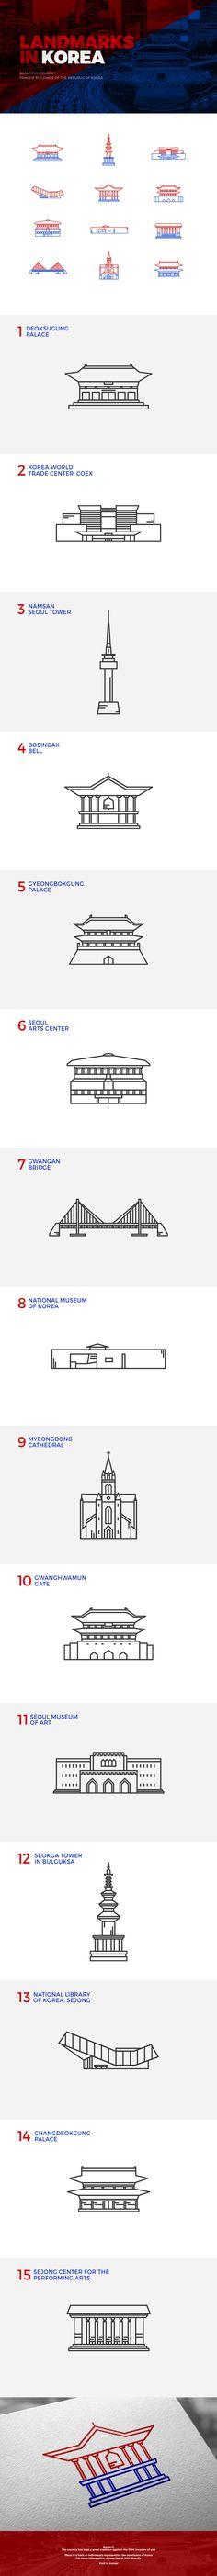 Landmarks in Korea - 일러스트레이션, 파인아트